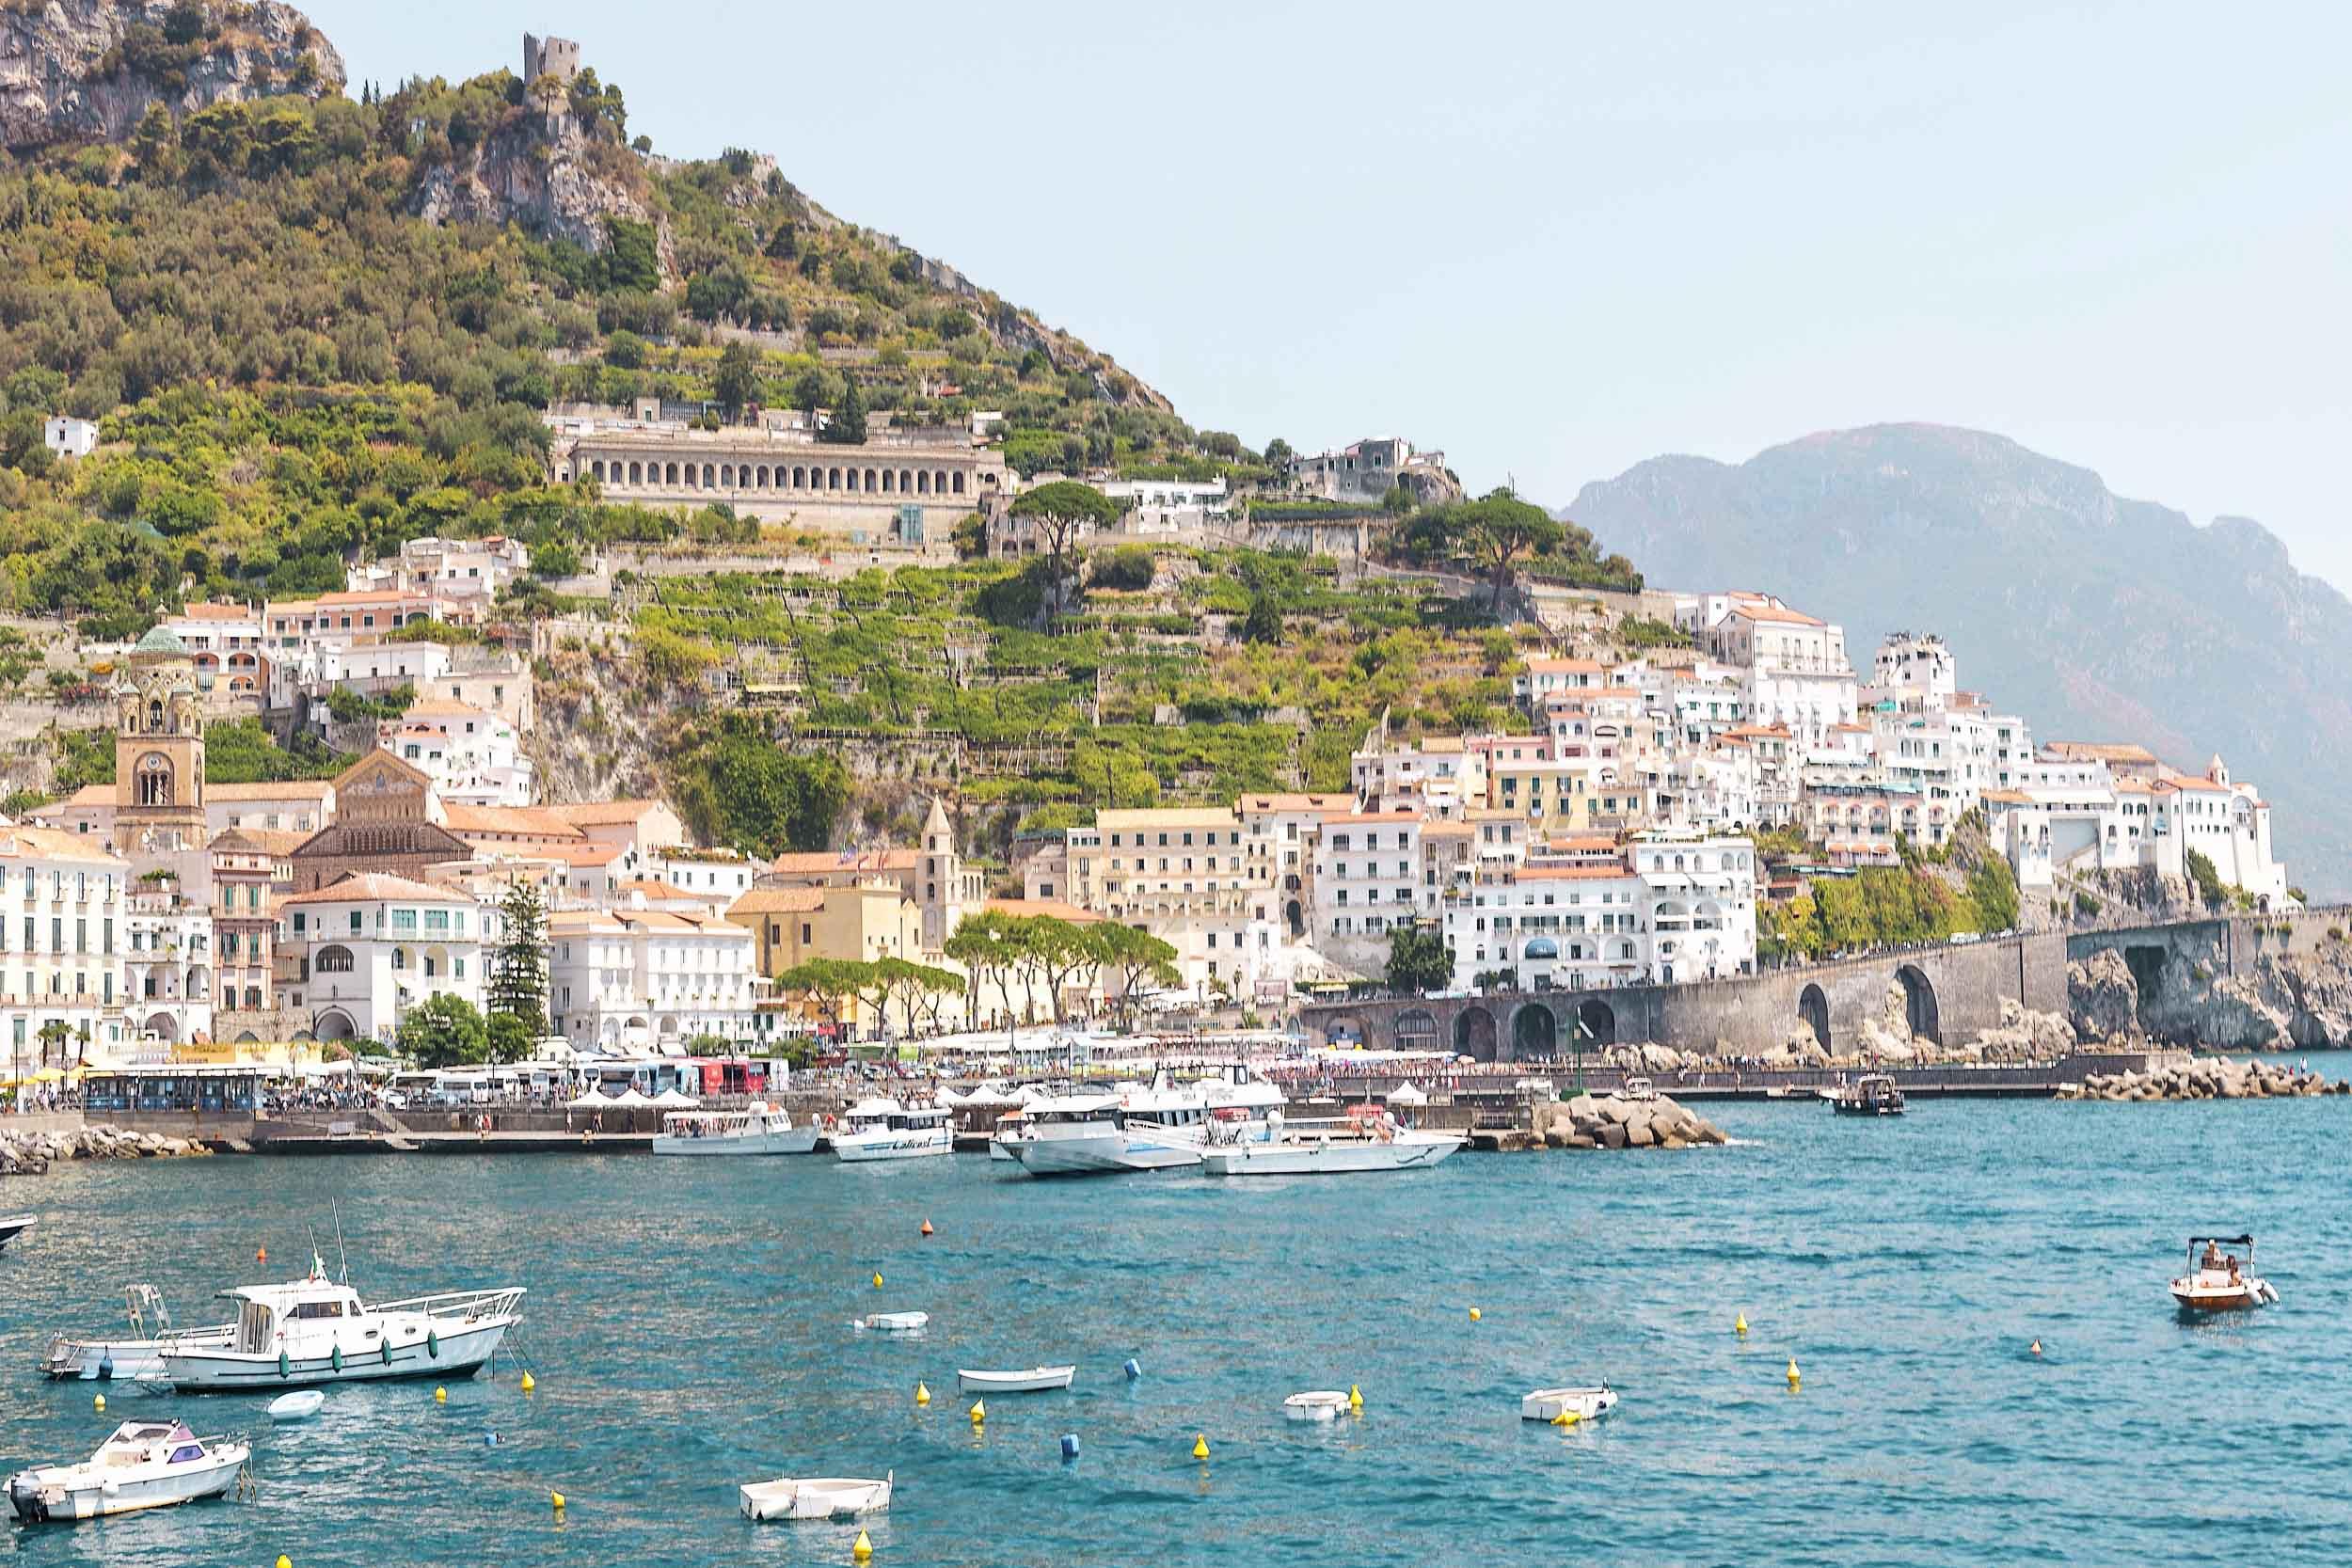 The town of Amalfi on the Amalfi Coast